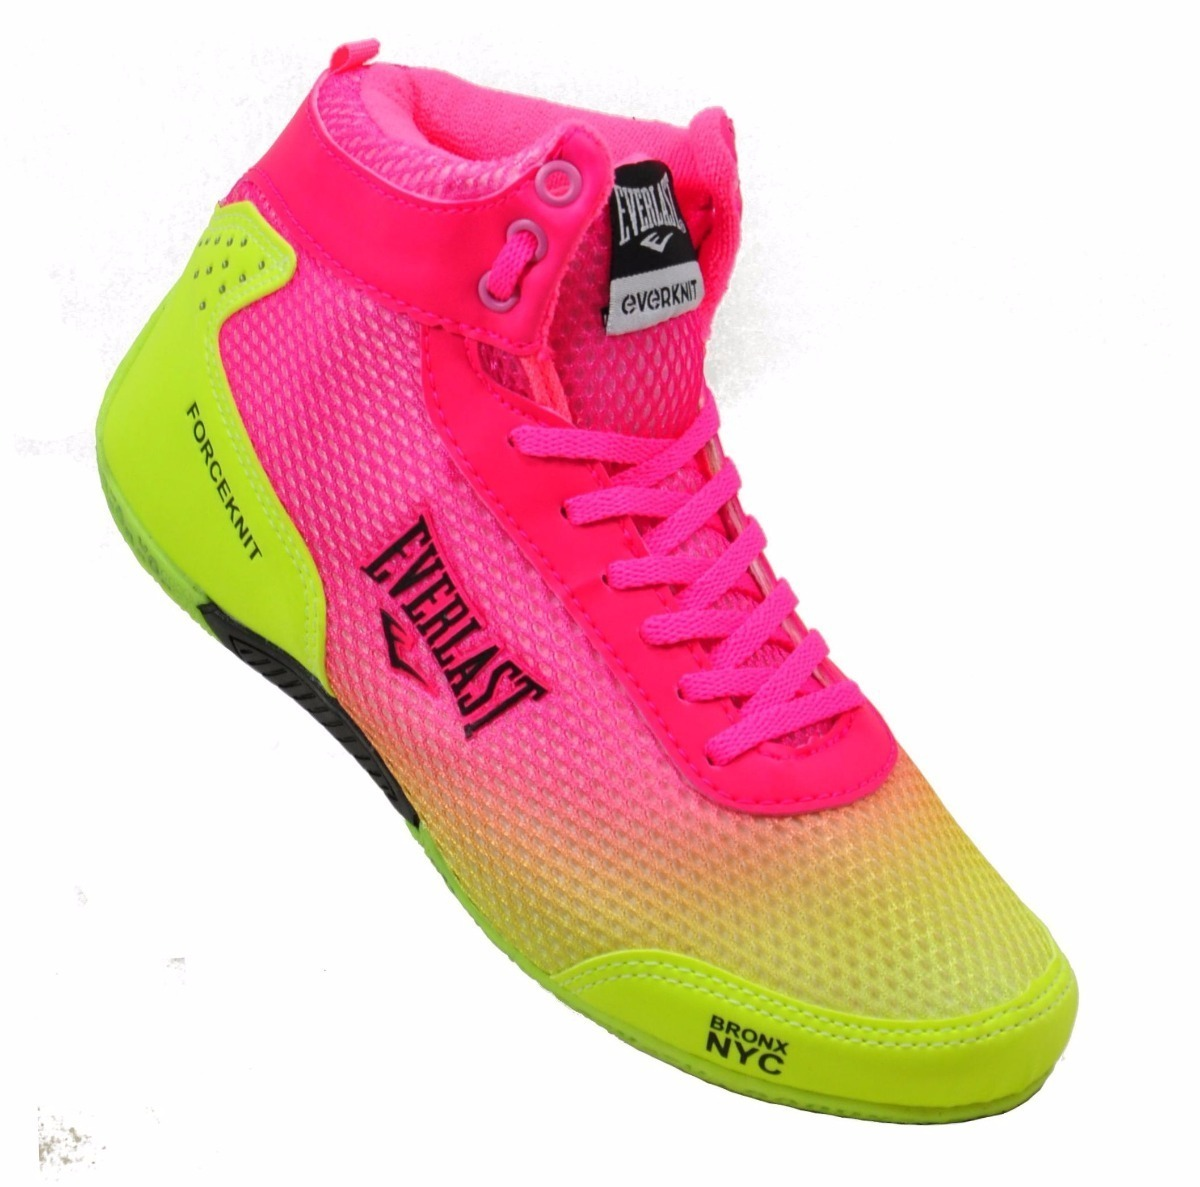 dc84f243a0b sapatilha feminina tênis botinha treino fitness academia f. Carregando zoom.